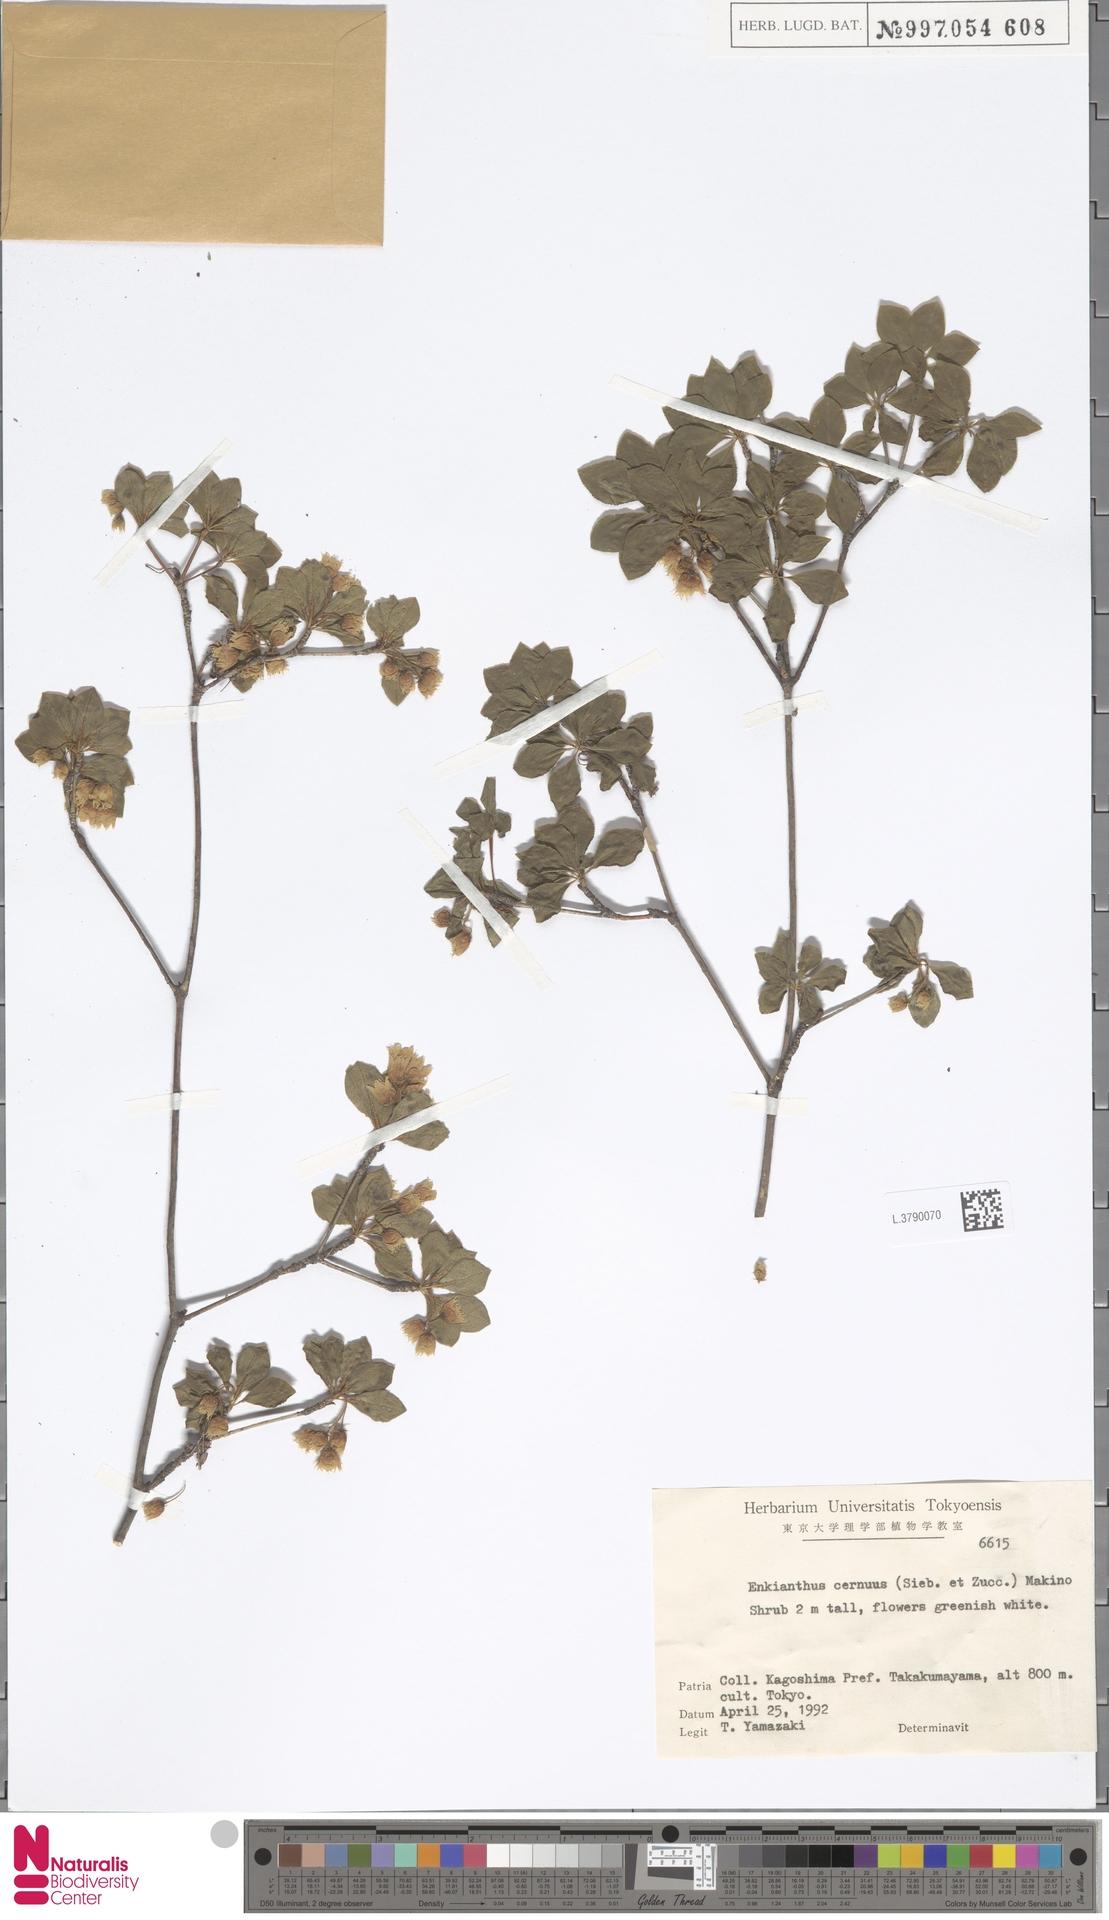 L.3790070   Enkianthus cernuus (Siebold & Zucc.) Makino